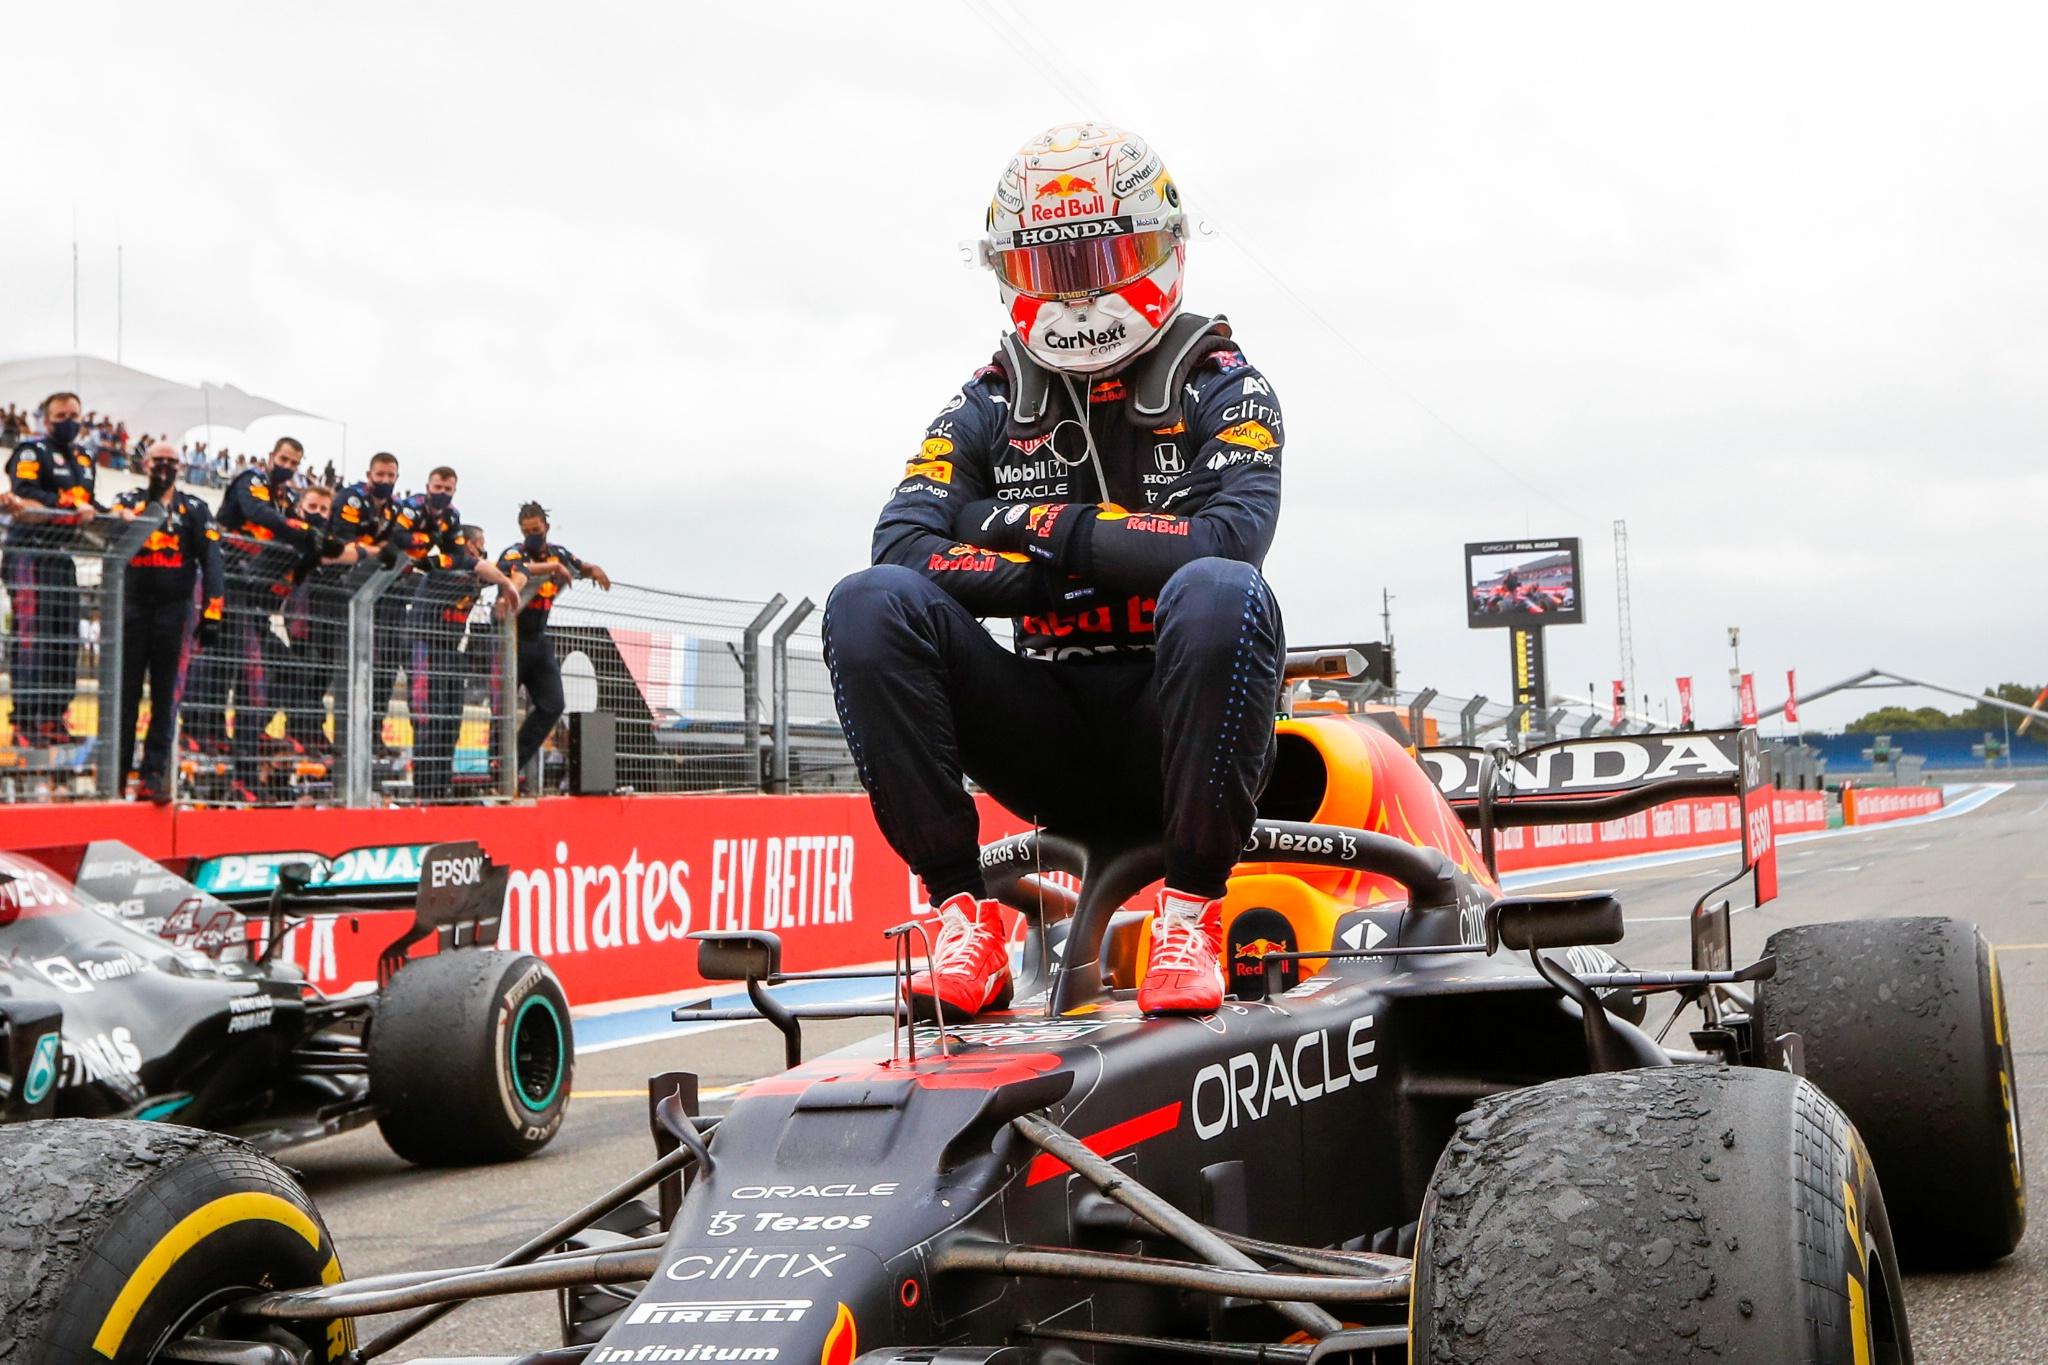 Pemenang balapan Max Verstappen (NLD) Red Bull Racing RB16B merayakannya di parc ferme.